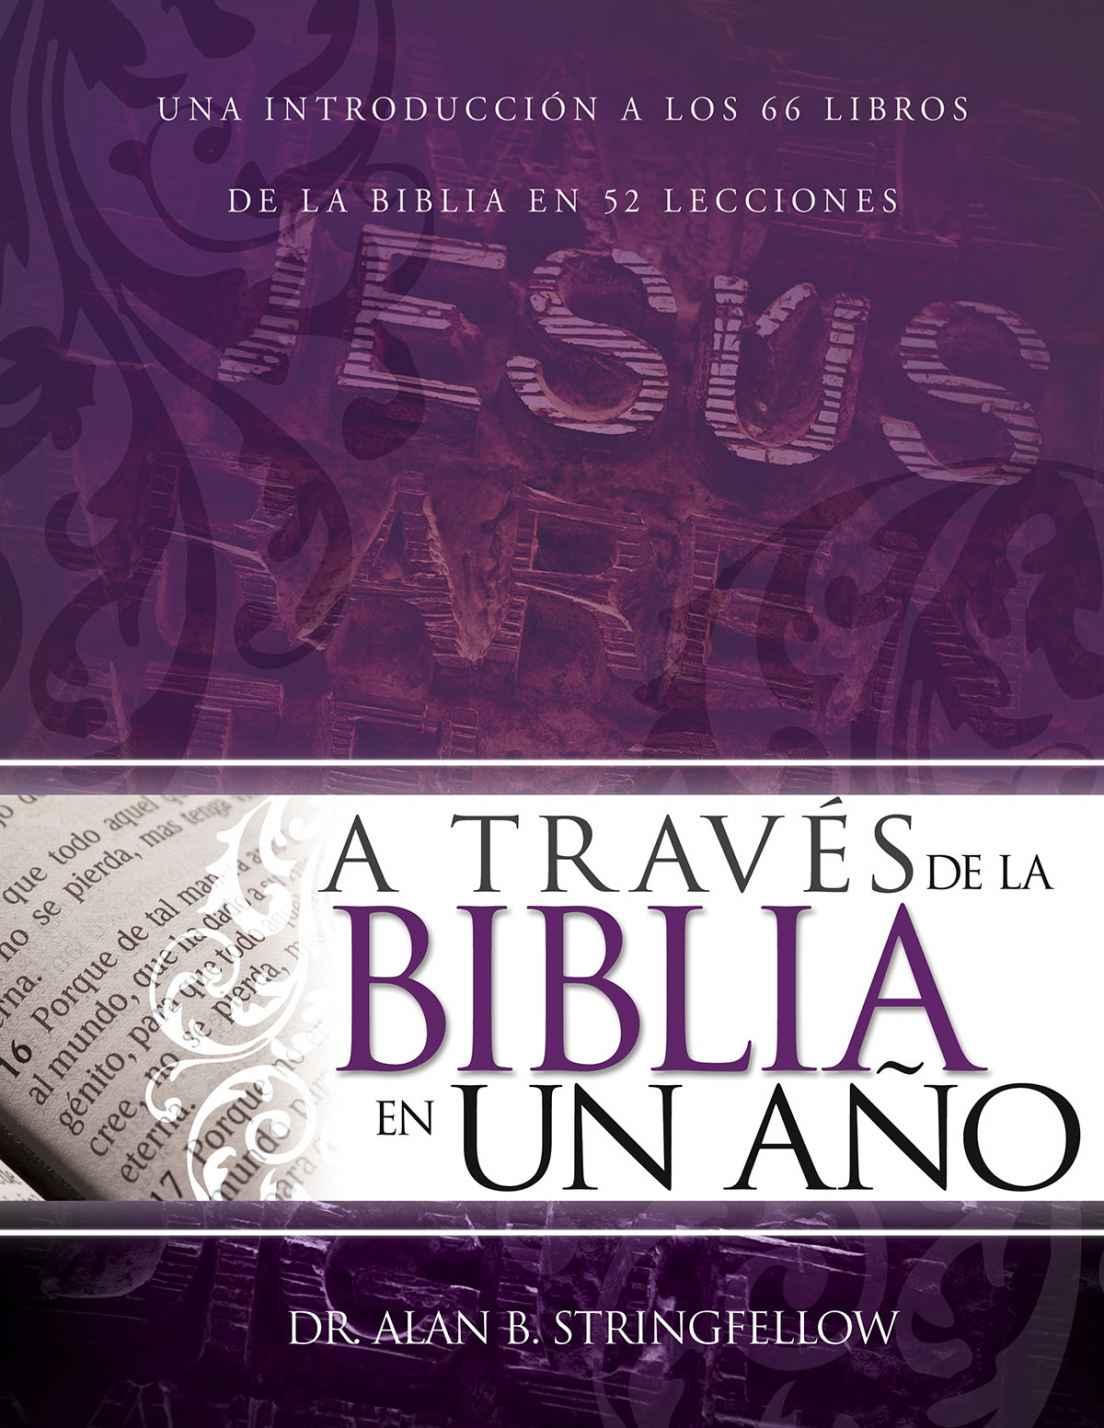 libros gratis de la biblia: